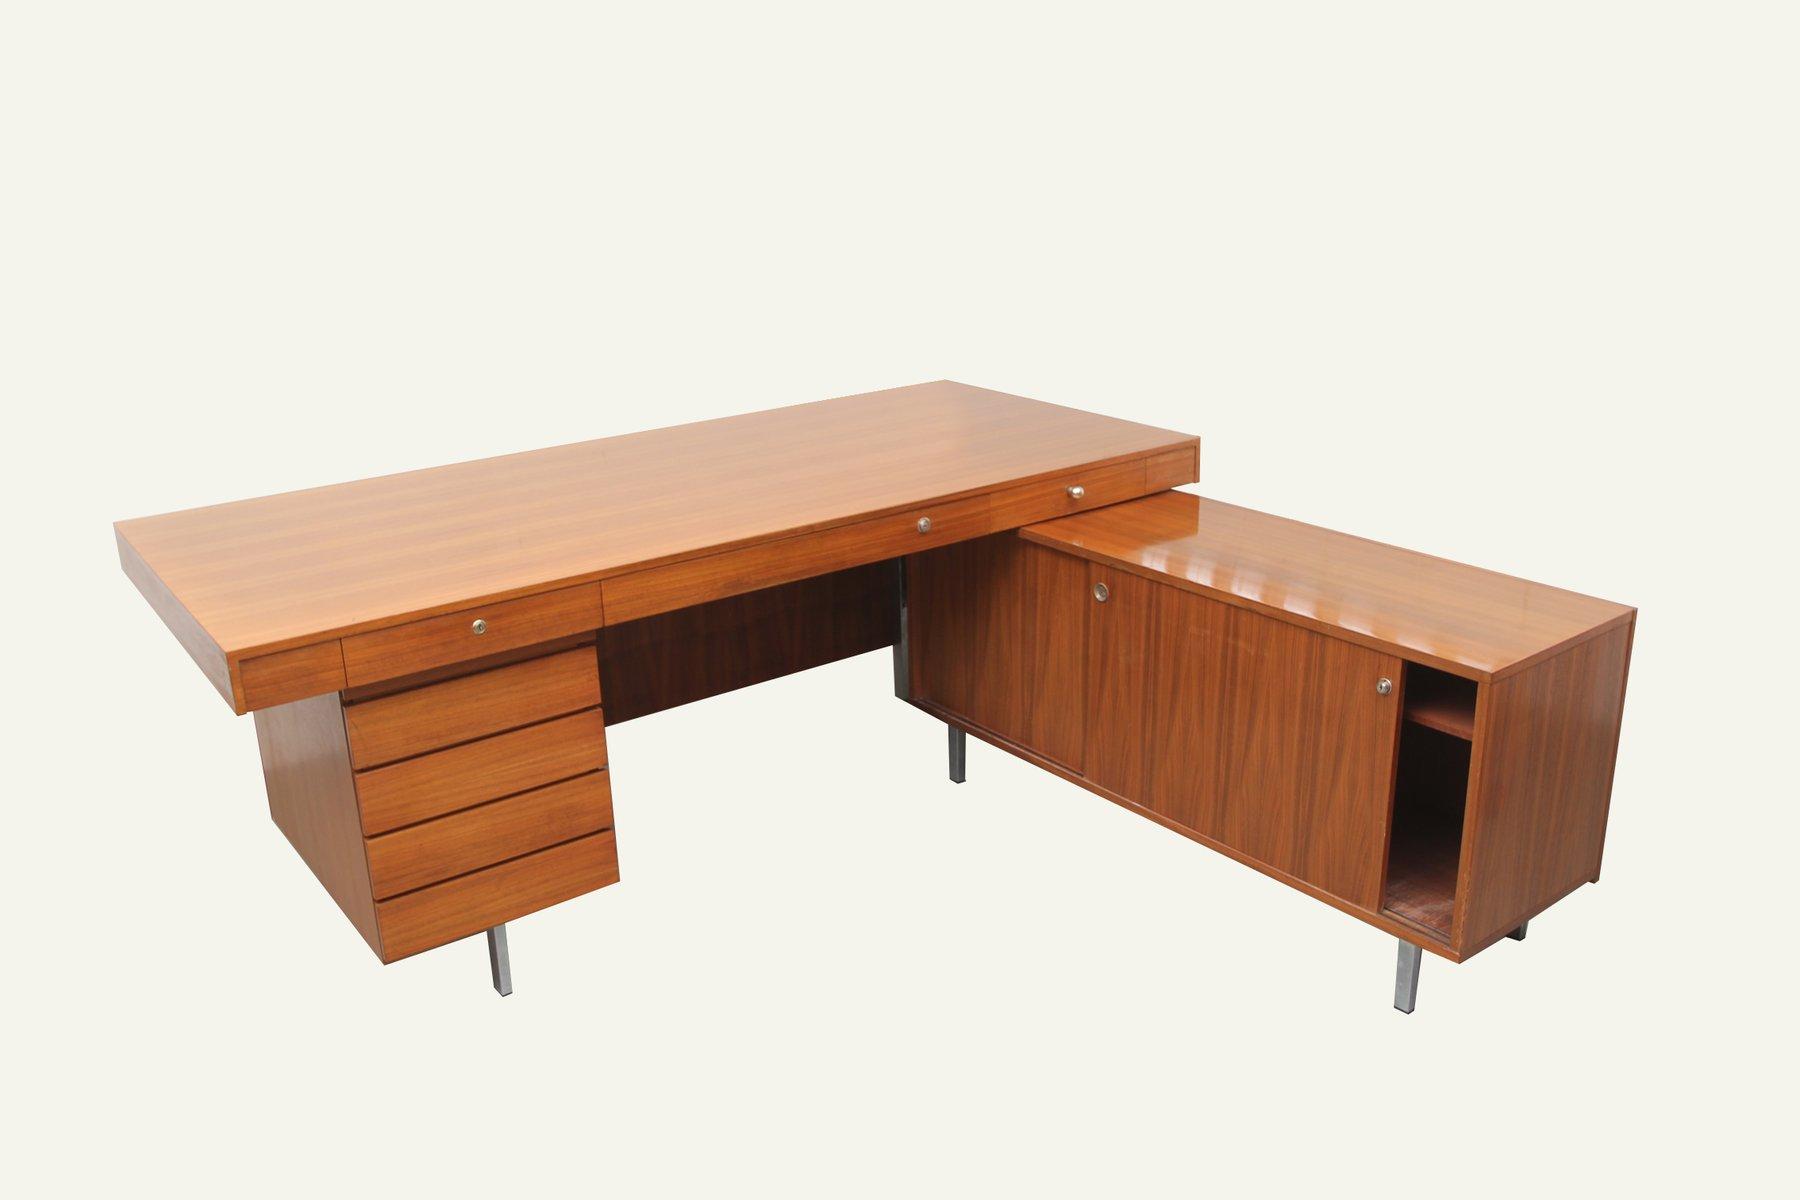 Deutscher nussholz schreibtisch mit schrank bei pamono kaufen for Schreibtisch auf englisch